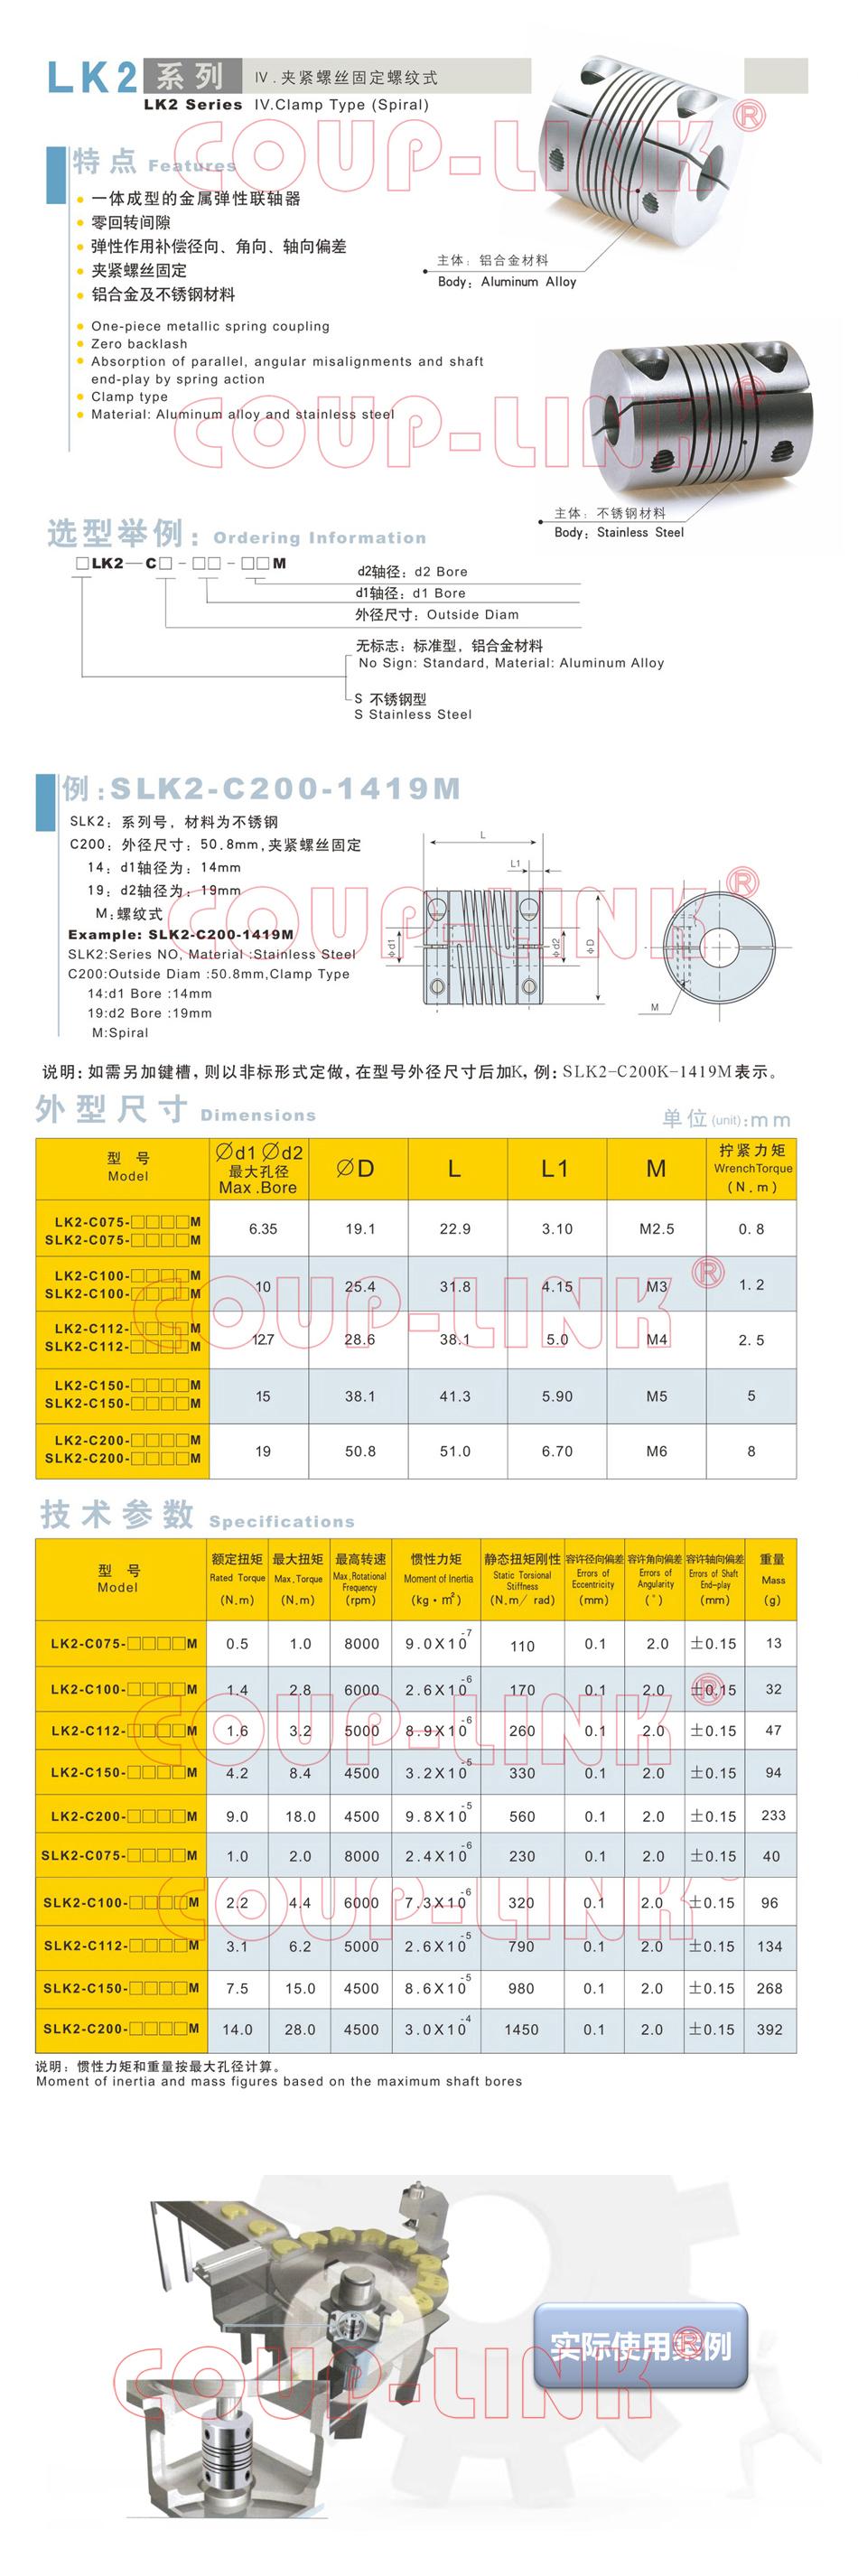 LK2系列 夹紧螺丝固定螺纹式_联轴器种类-广州菱科自动化设备有限公司